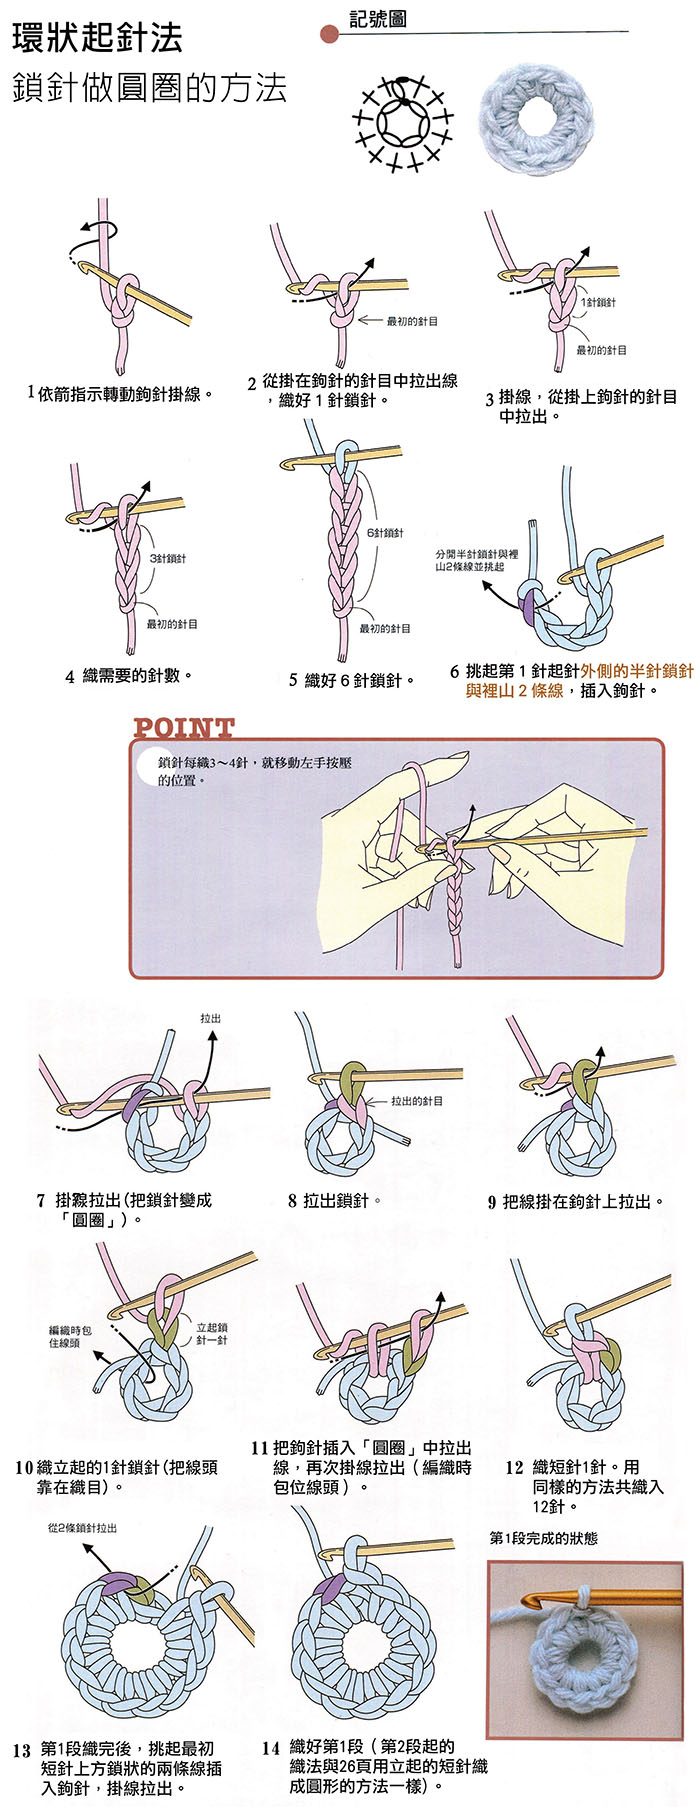 起針圖示-3.jpg